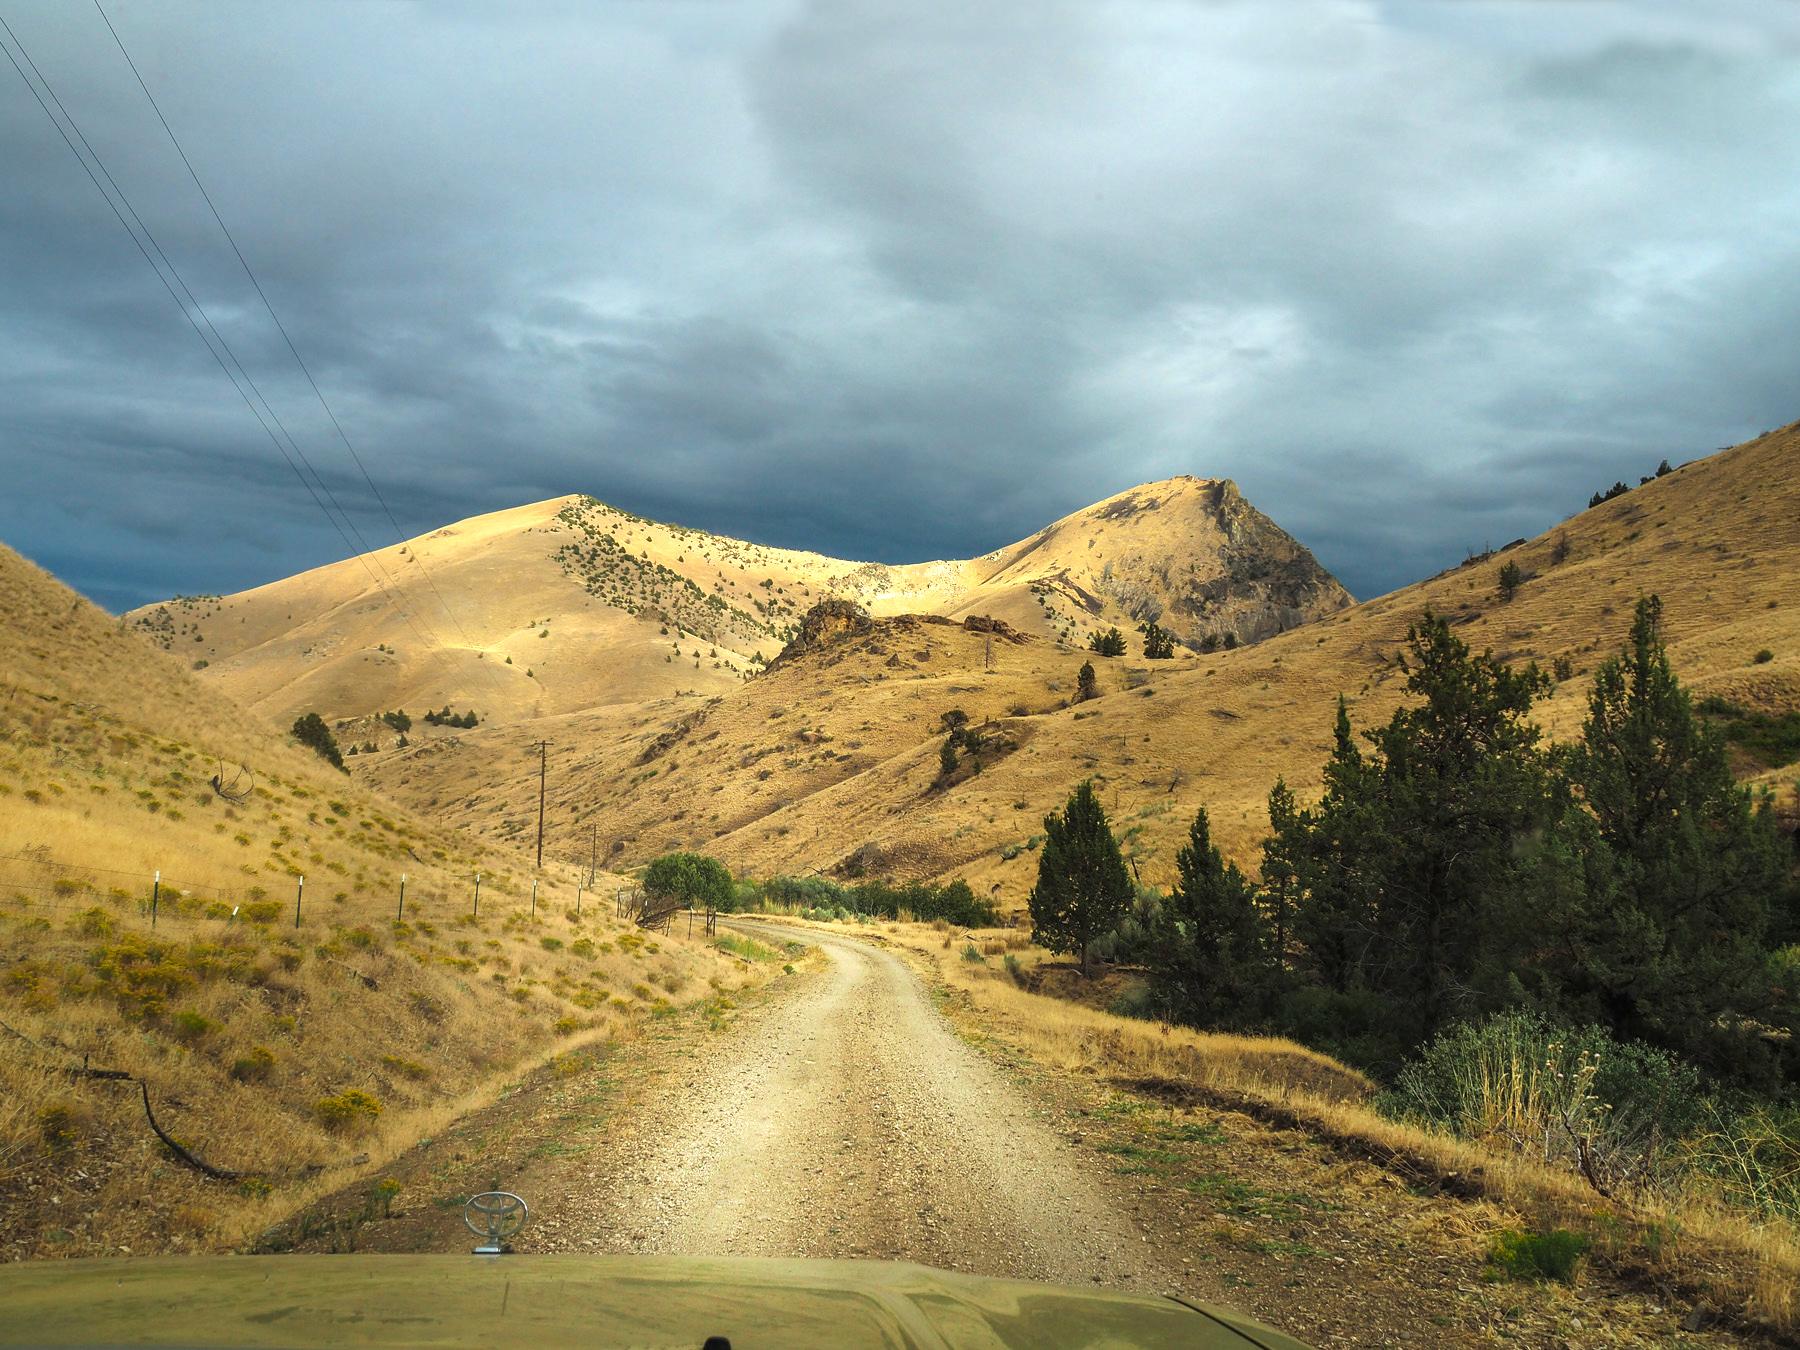 Fahrt ins Hinterland, auf der Suche nach einem Shortcut zu den Painted Hills